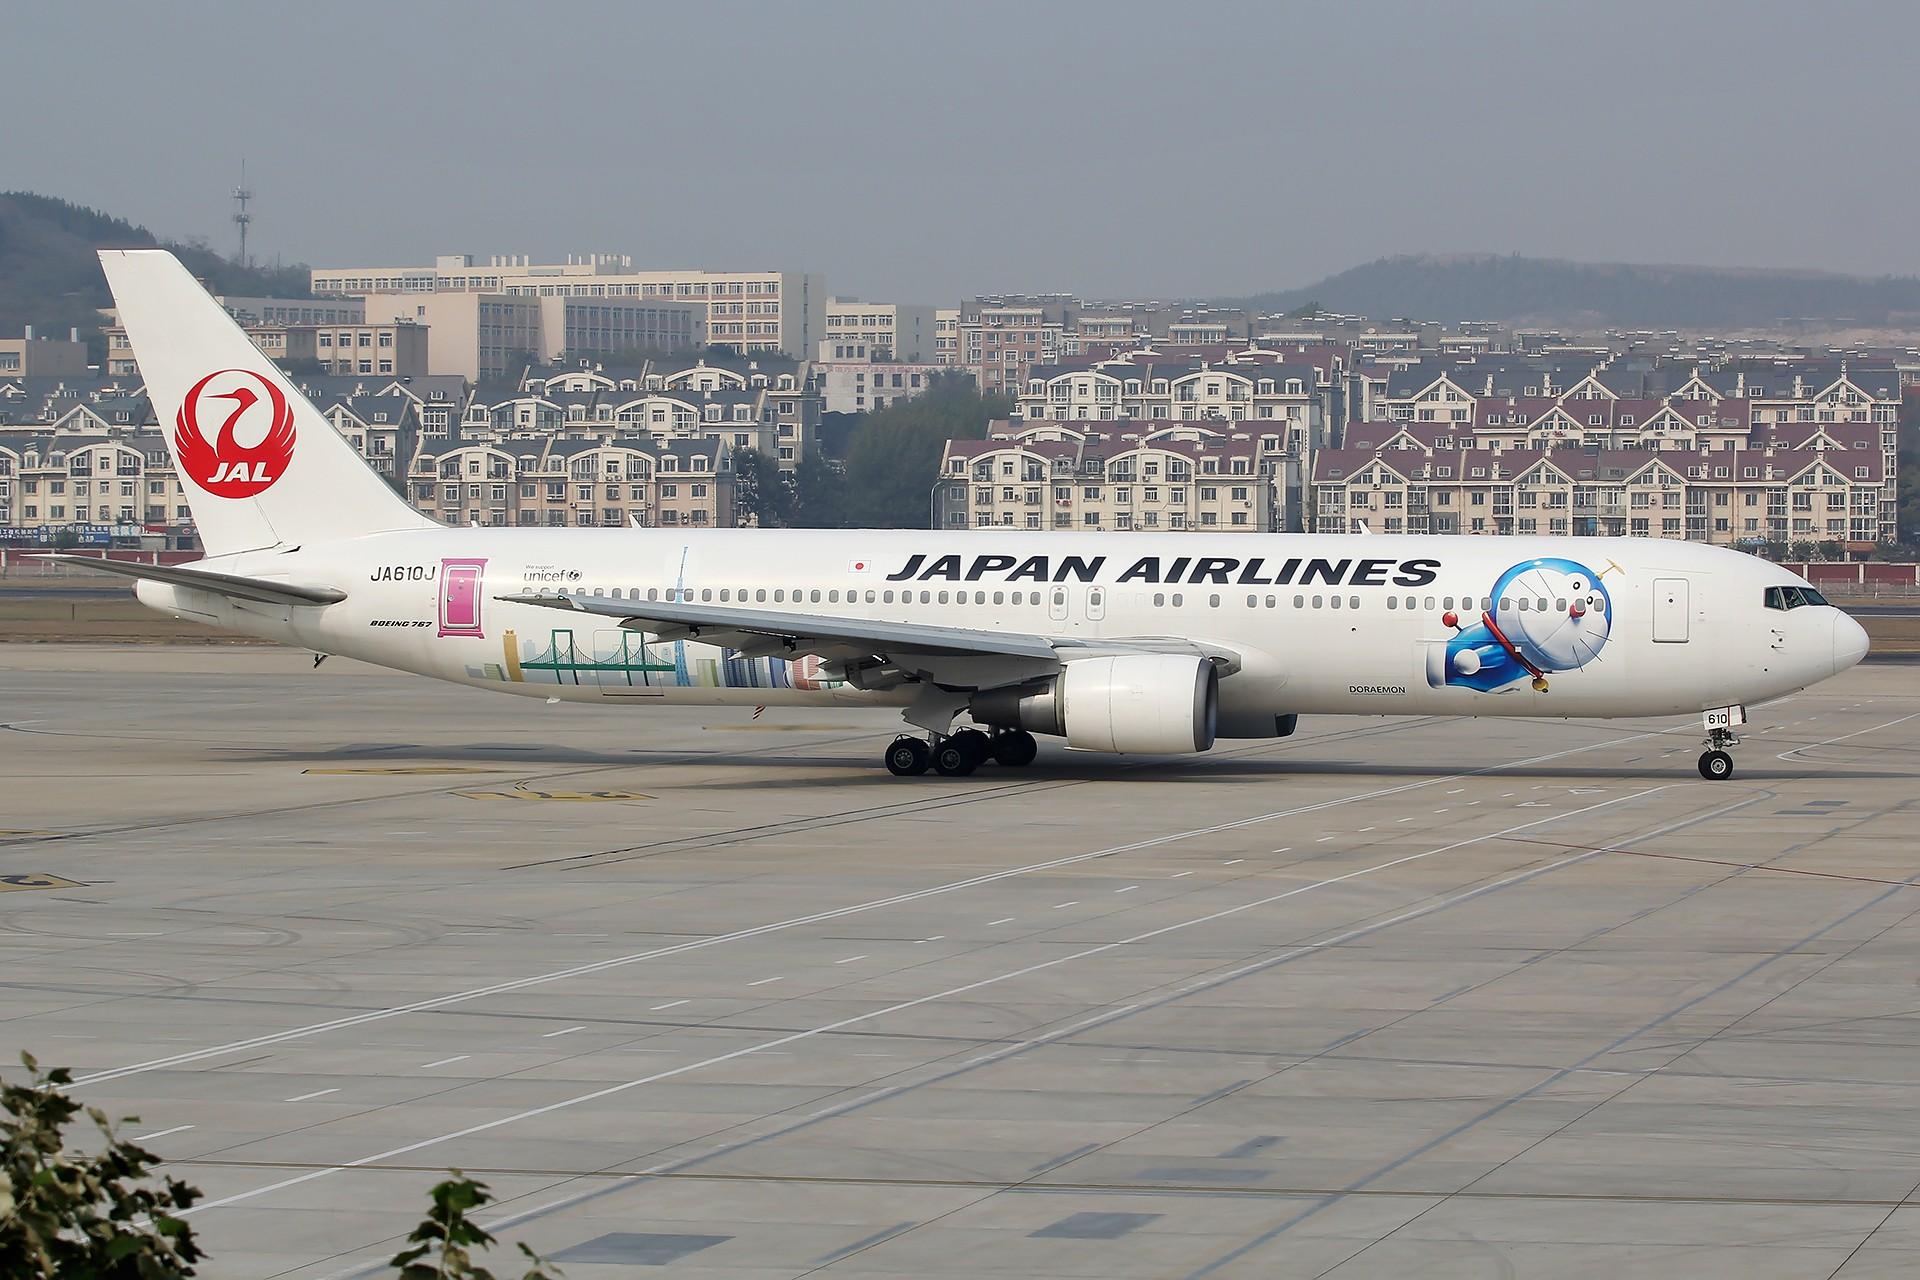 Re:[DLC]。。。JAL 哆啦A梦 。。。 BOEING 767-300 JA610J 中国大连国际机场